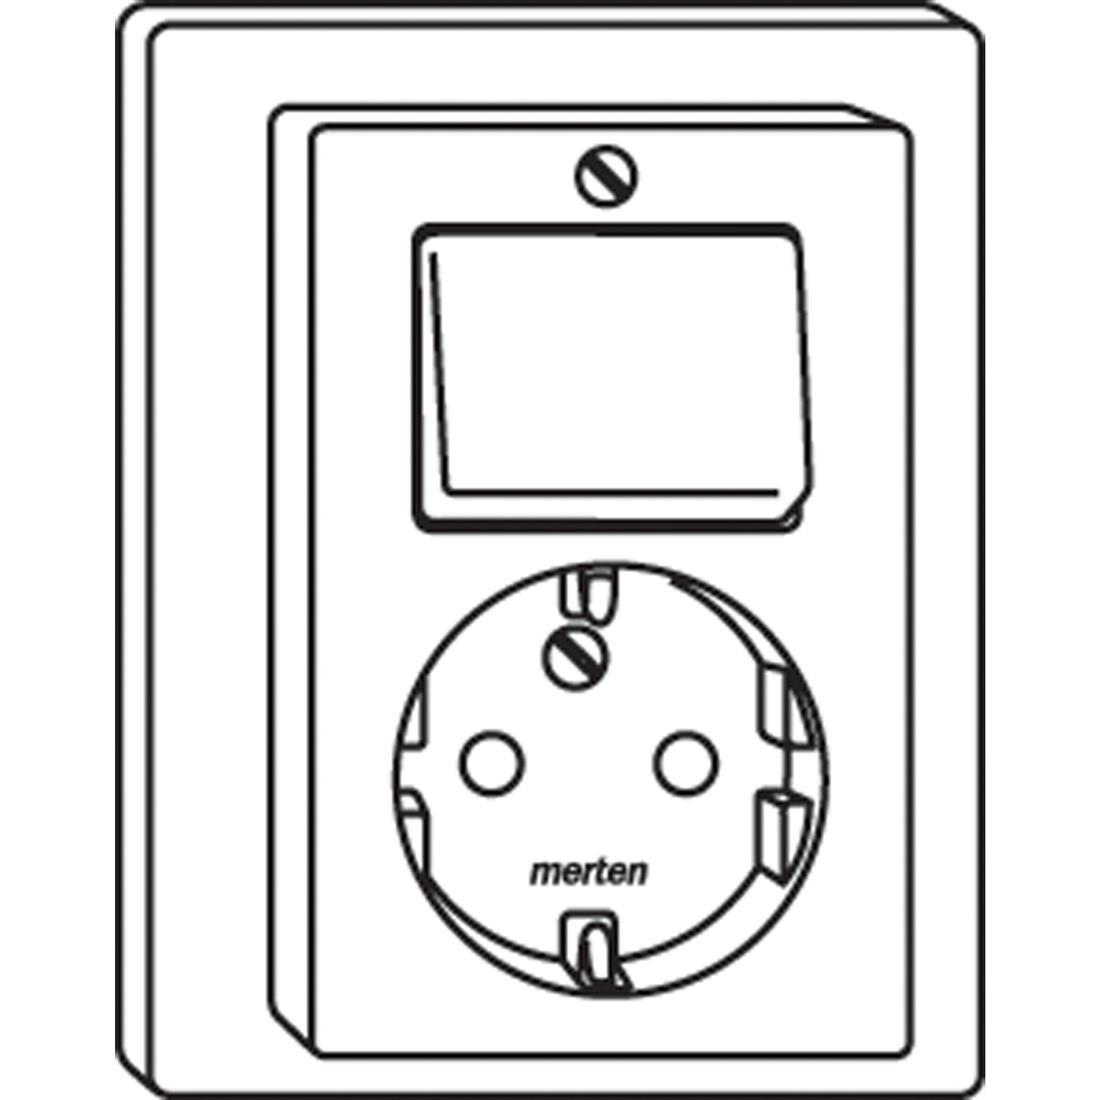 Schneider-Merten M-Smart combinatie SCHUKO wandcontactdoos/wisselschakelaar - polarwit glanzend (MTN278319)